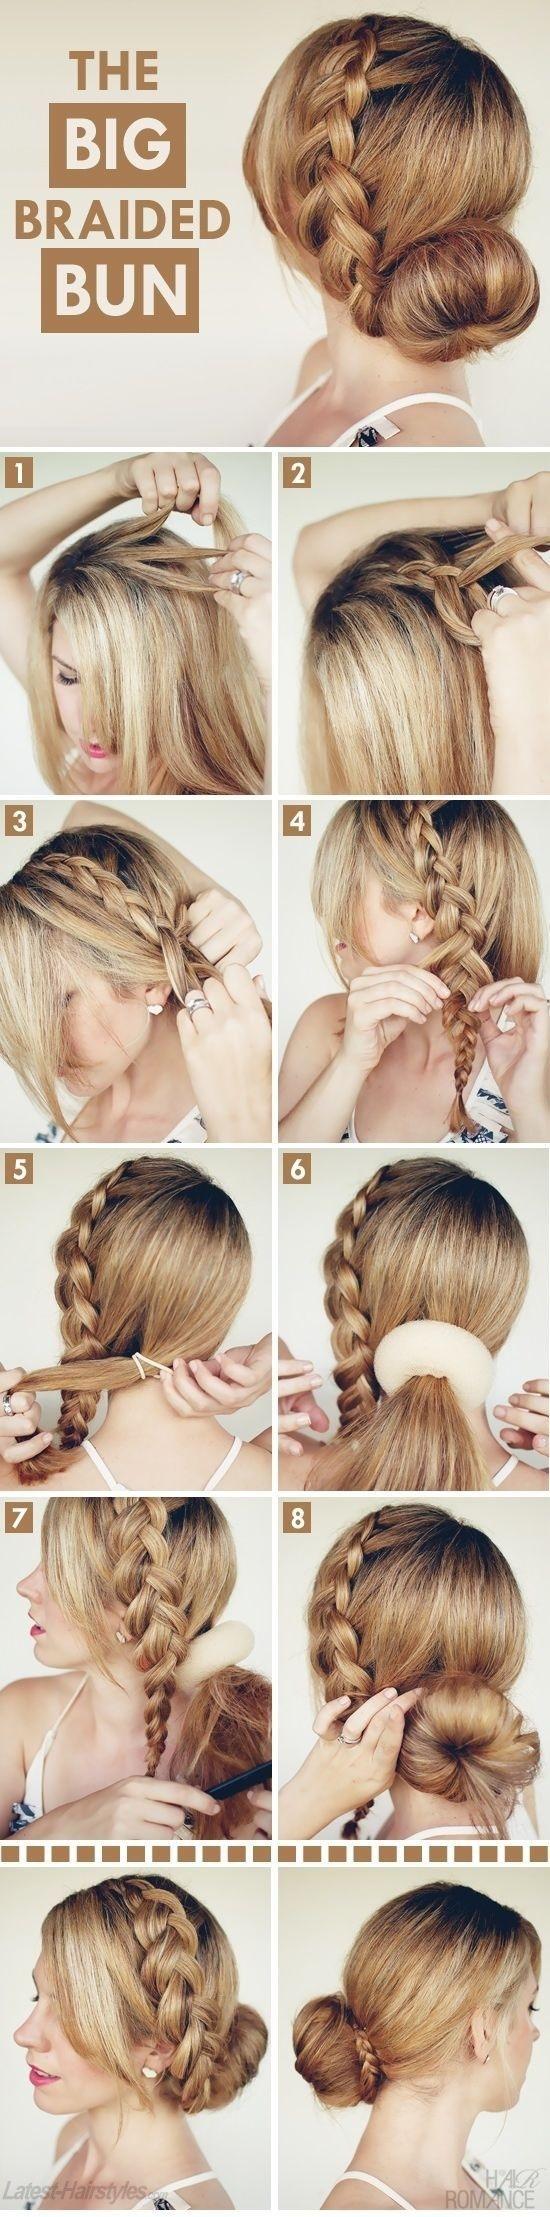 Cute u easy hairstyle tutorials easy hairstyles tutorials easy